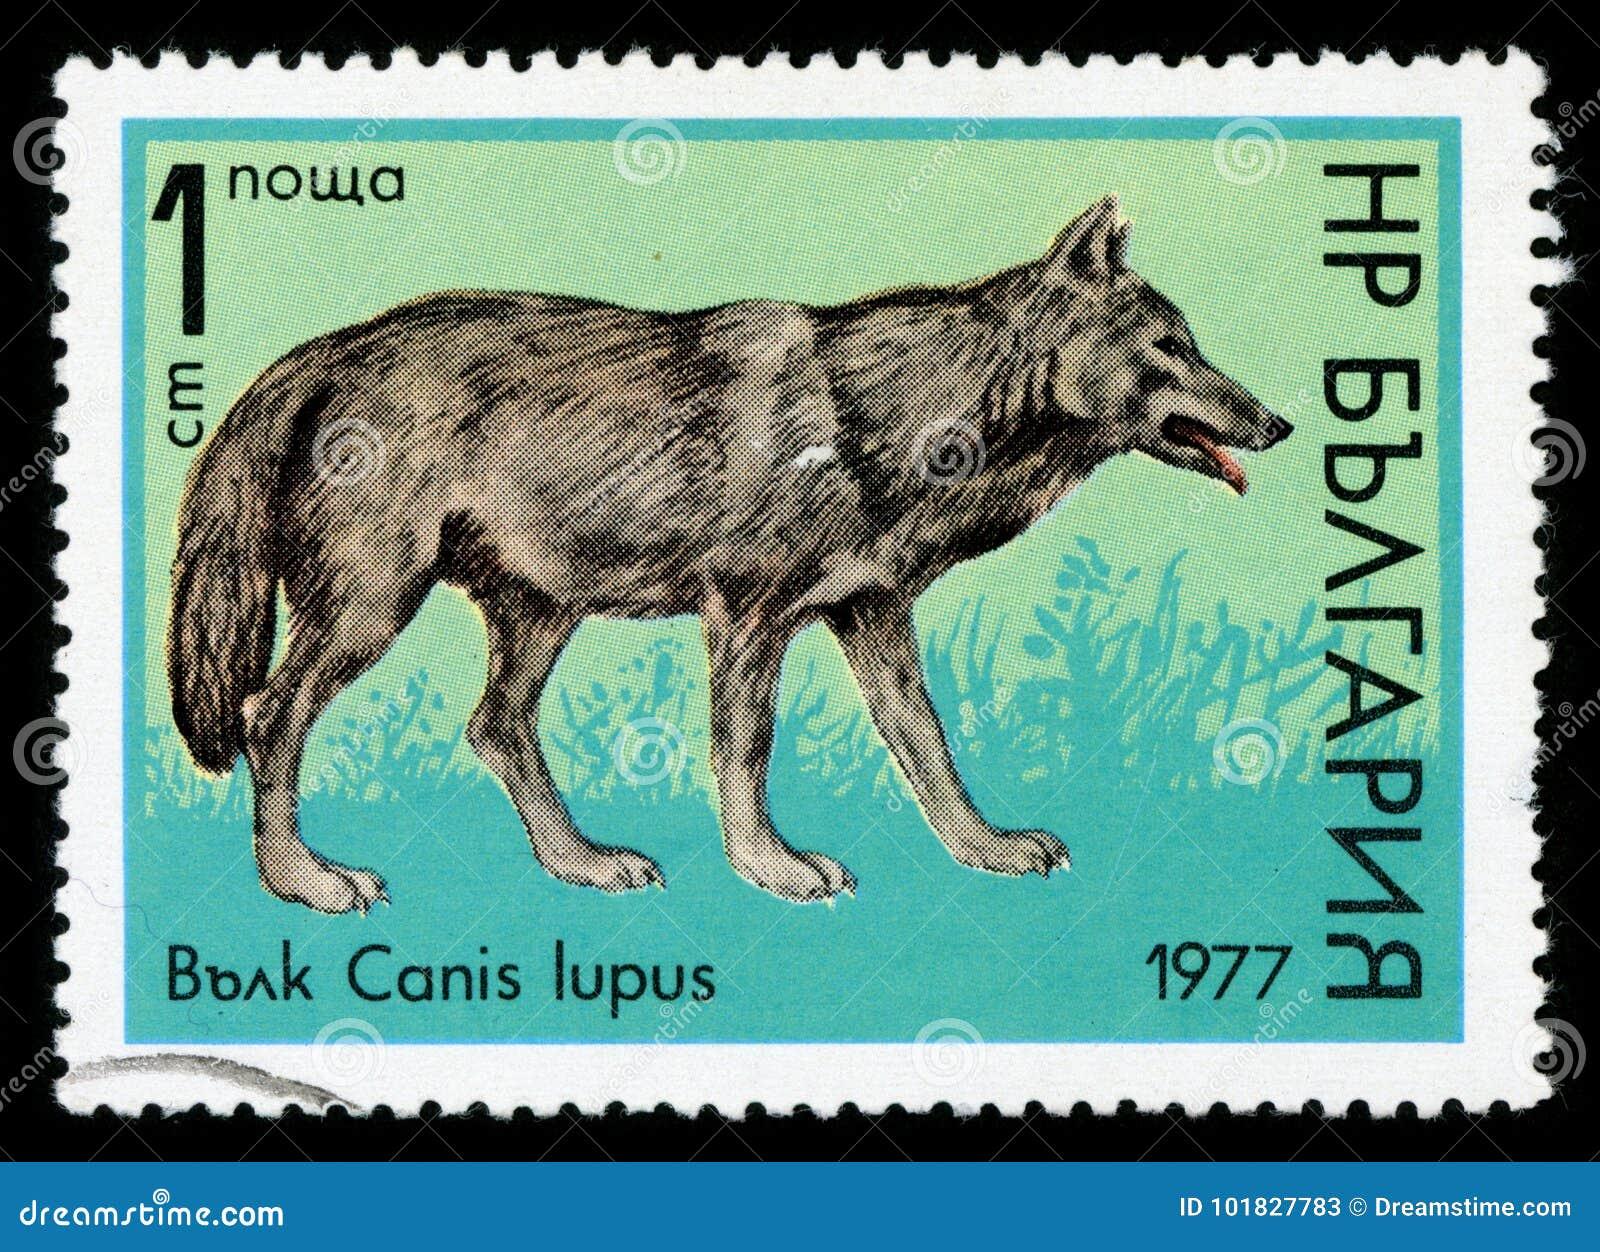 Bułgaria ` przyrody ` serii znaczek pocztowy, 1977